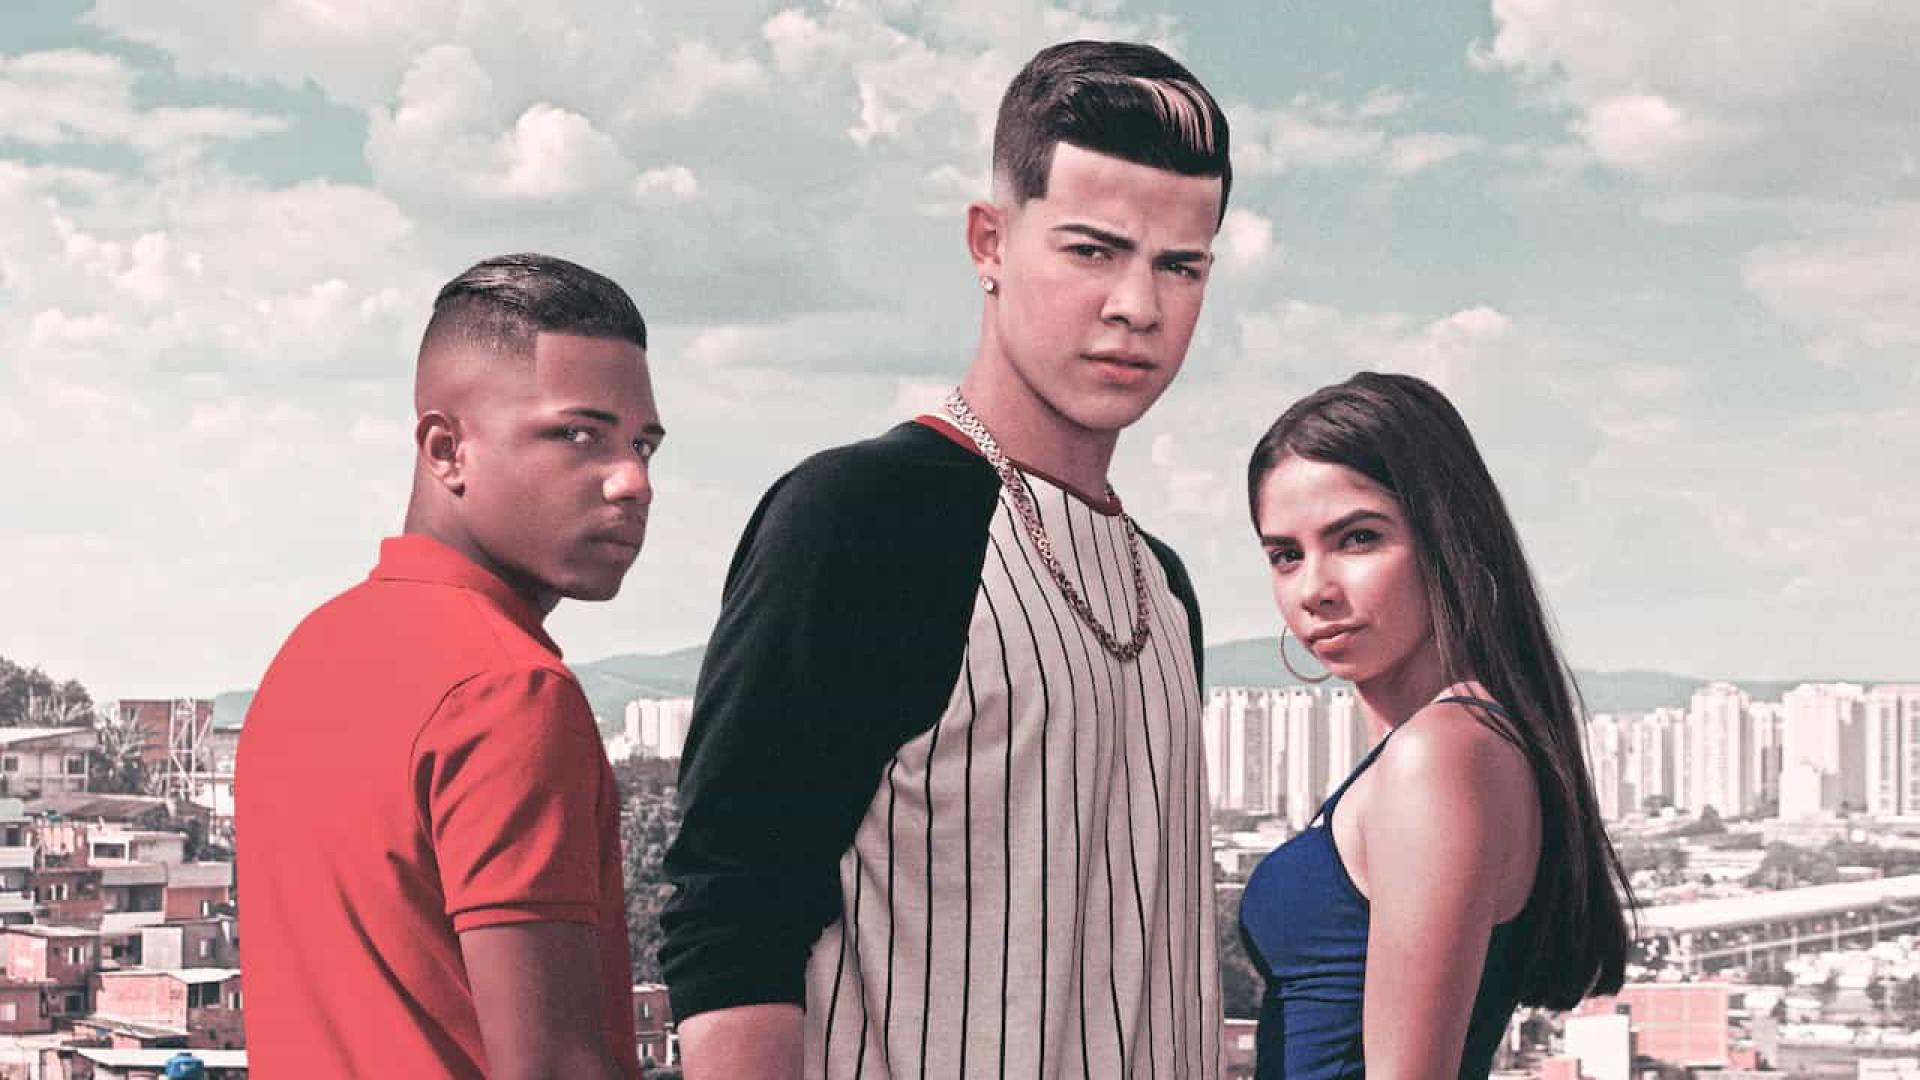 Gosta de funk? 'Sintonia' é a série brasileira que tem de ver na Netflix